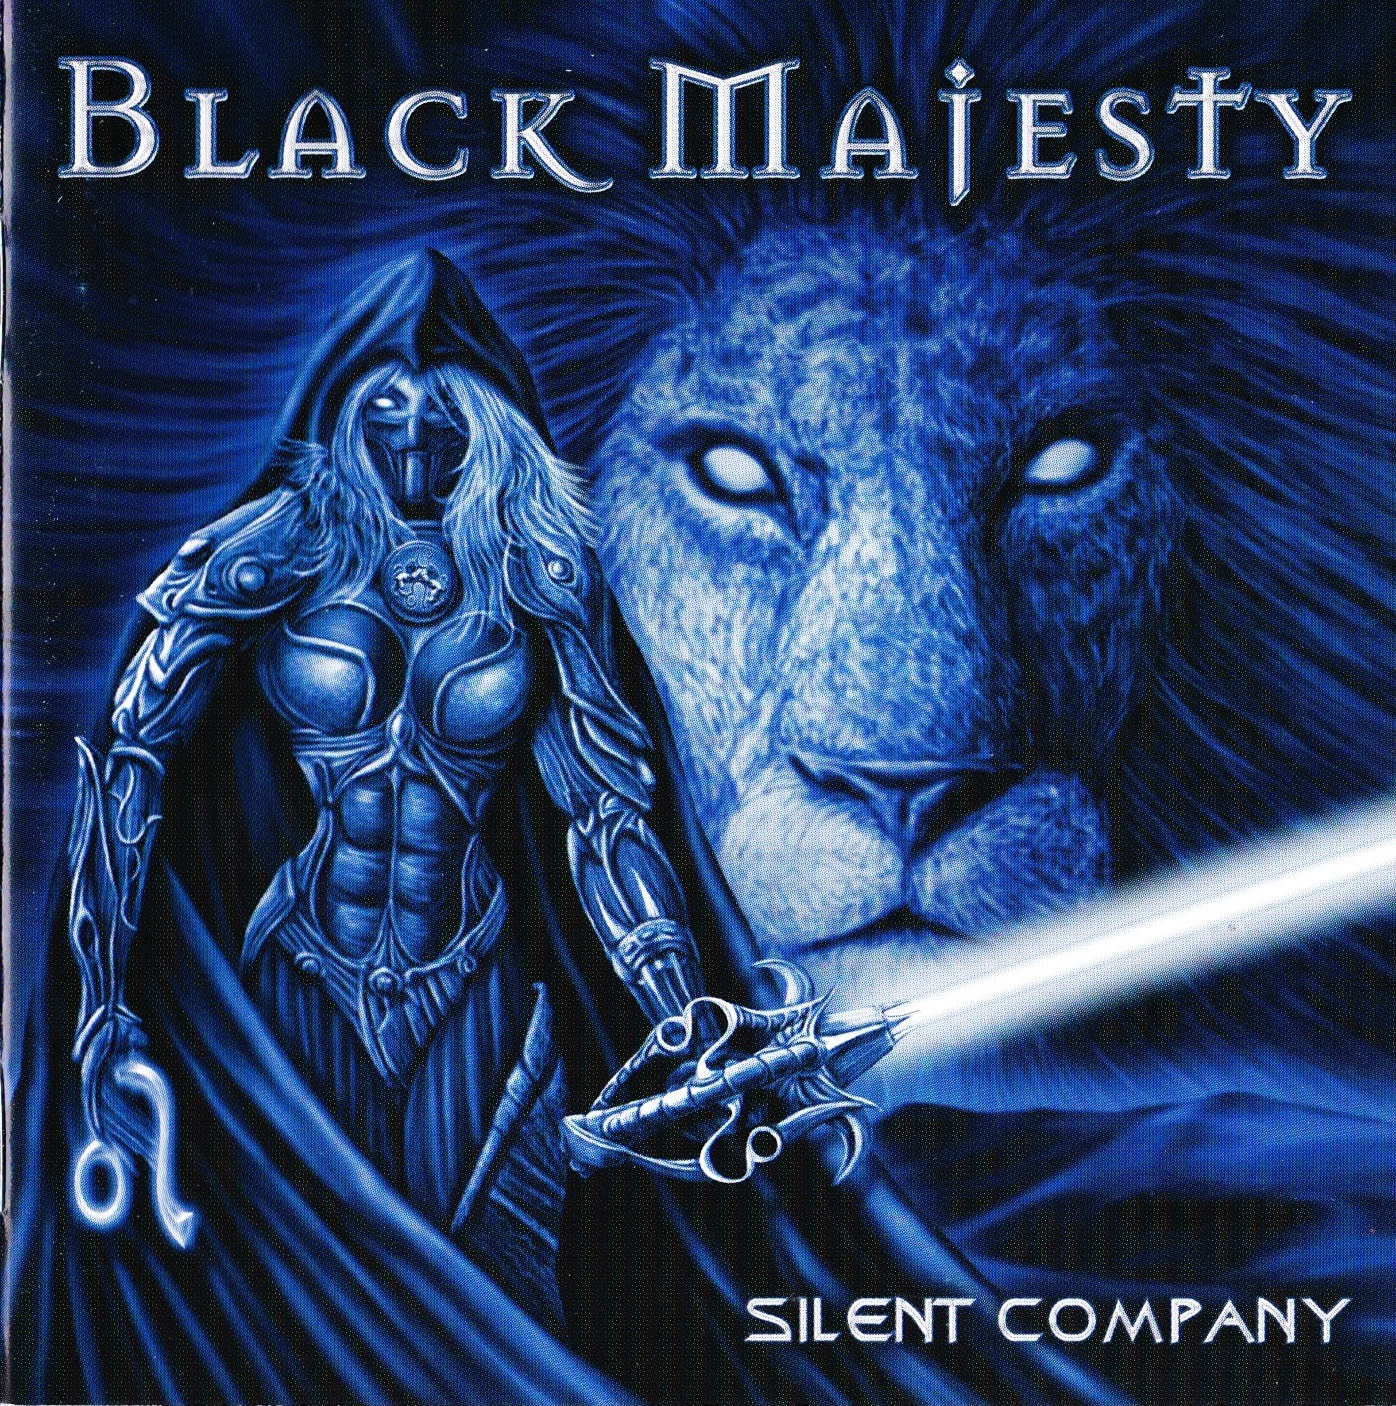 Black Majesty — Silent Company (2005)